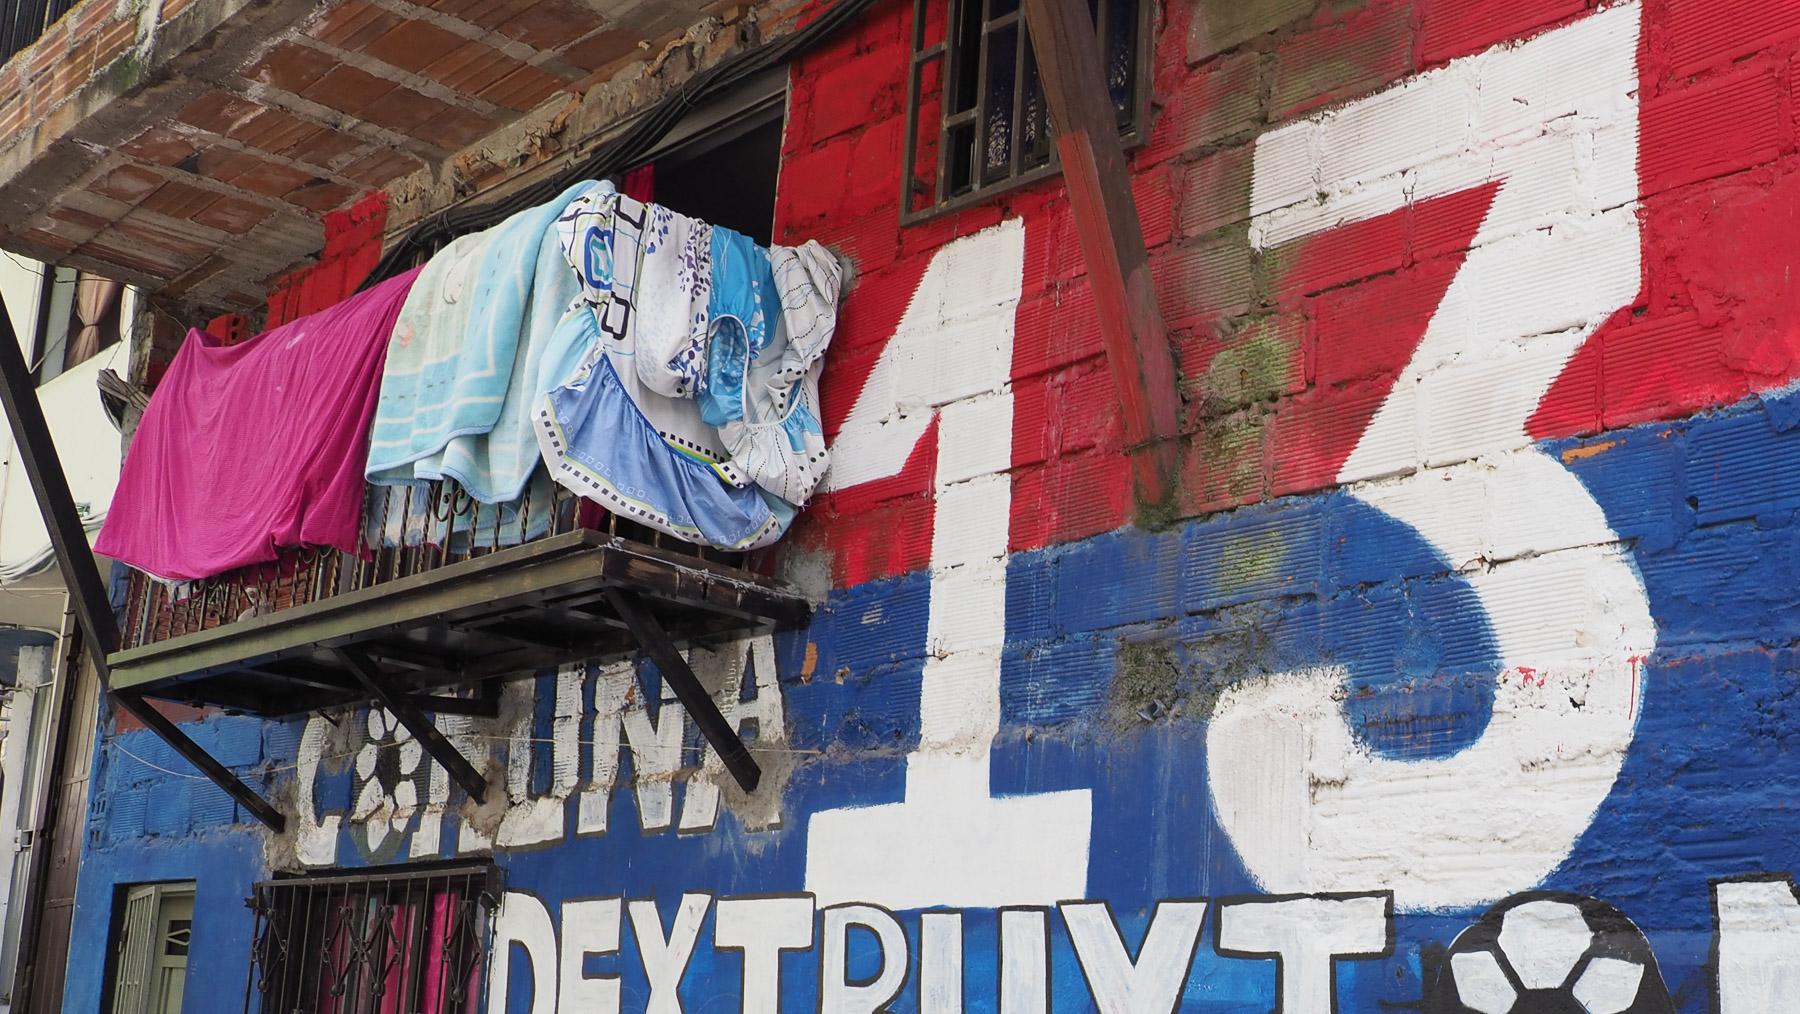 Comuna 13, das bekannteste Gang-Viertel, in dem man heutzutage sogar eine Führung mitmachen kann